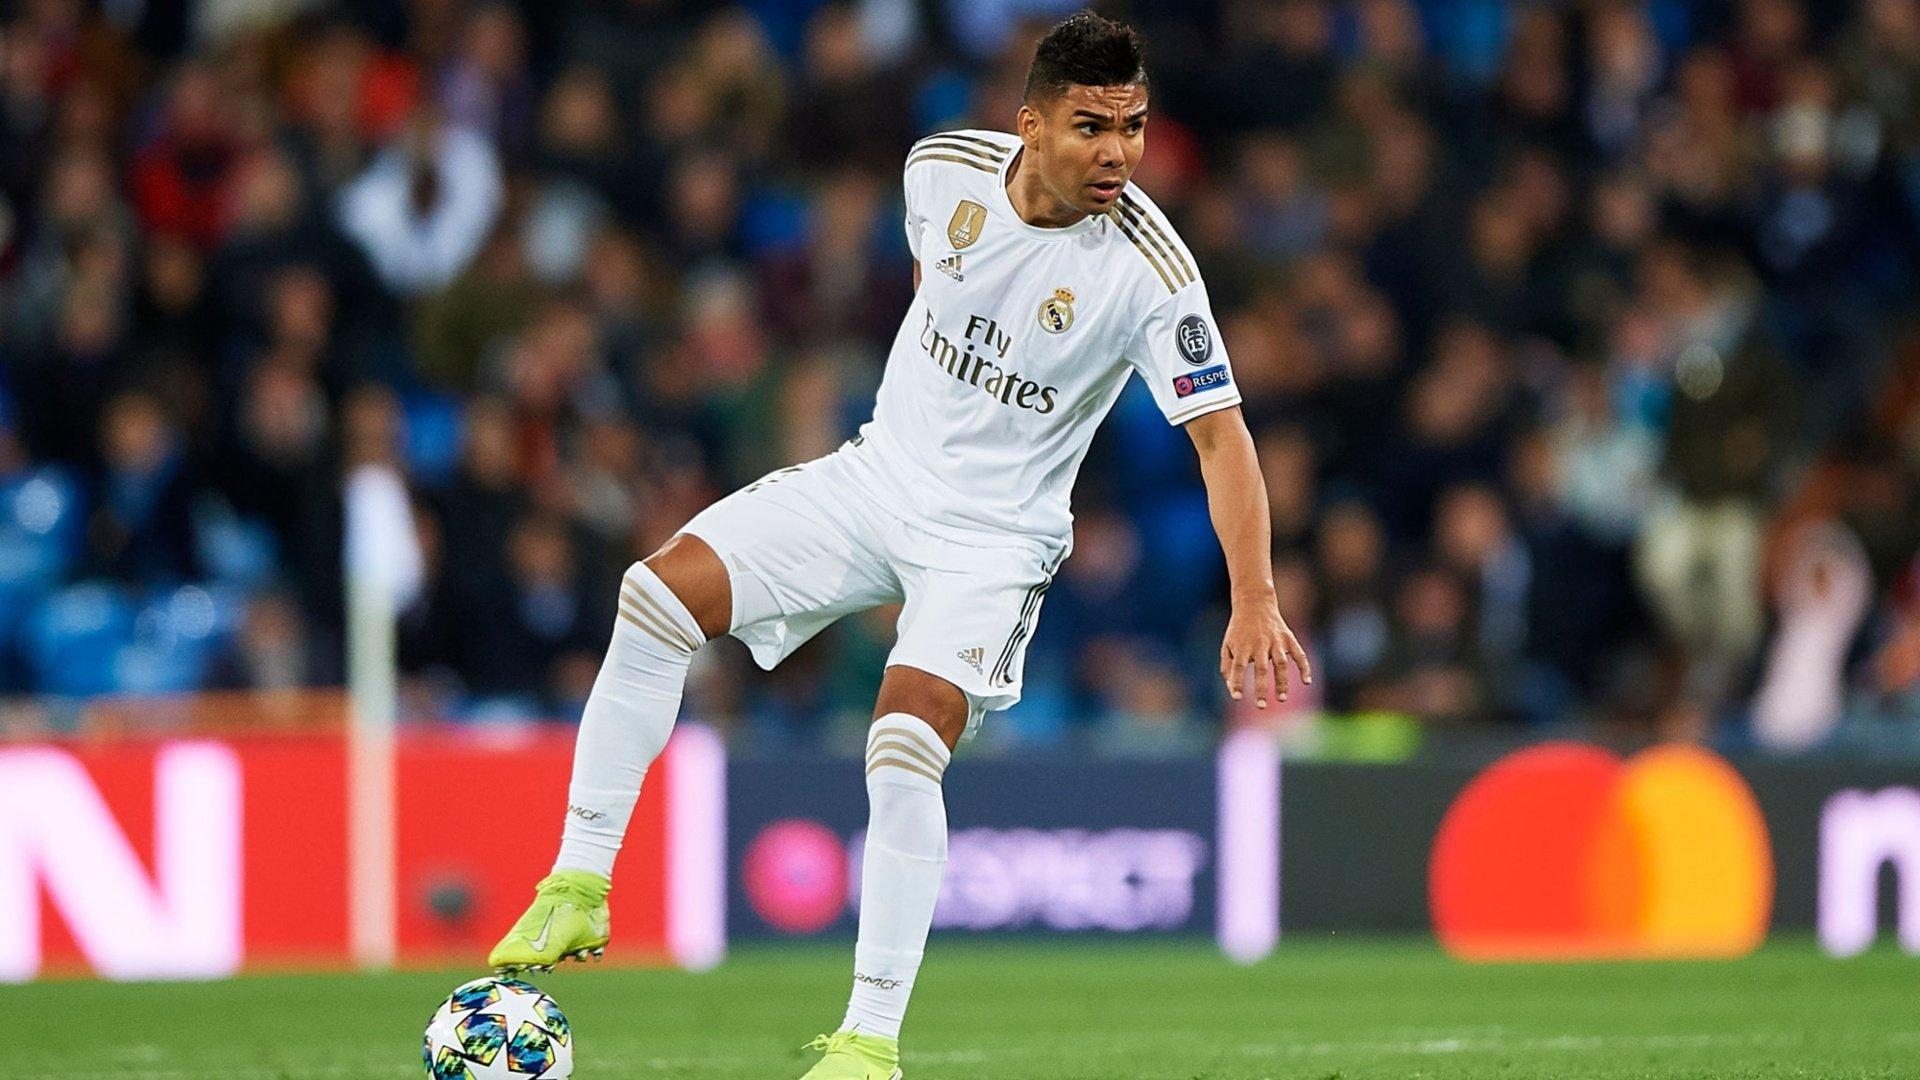 Зидан переиграл Сетьена: Реал был хорош в прессинге и сработал план с Винисиусом